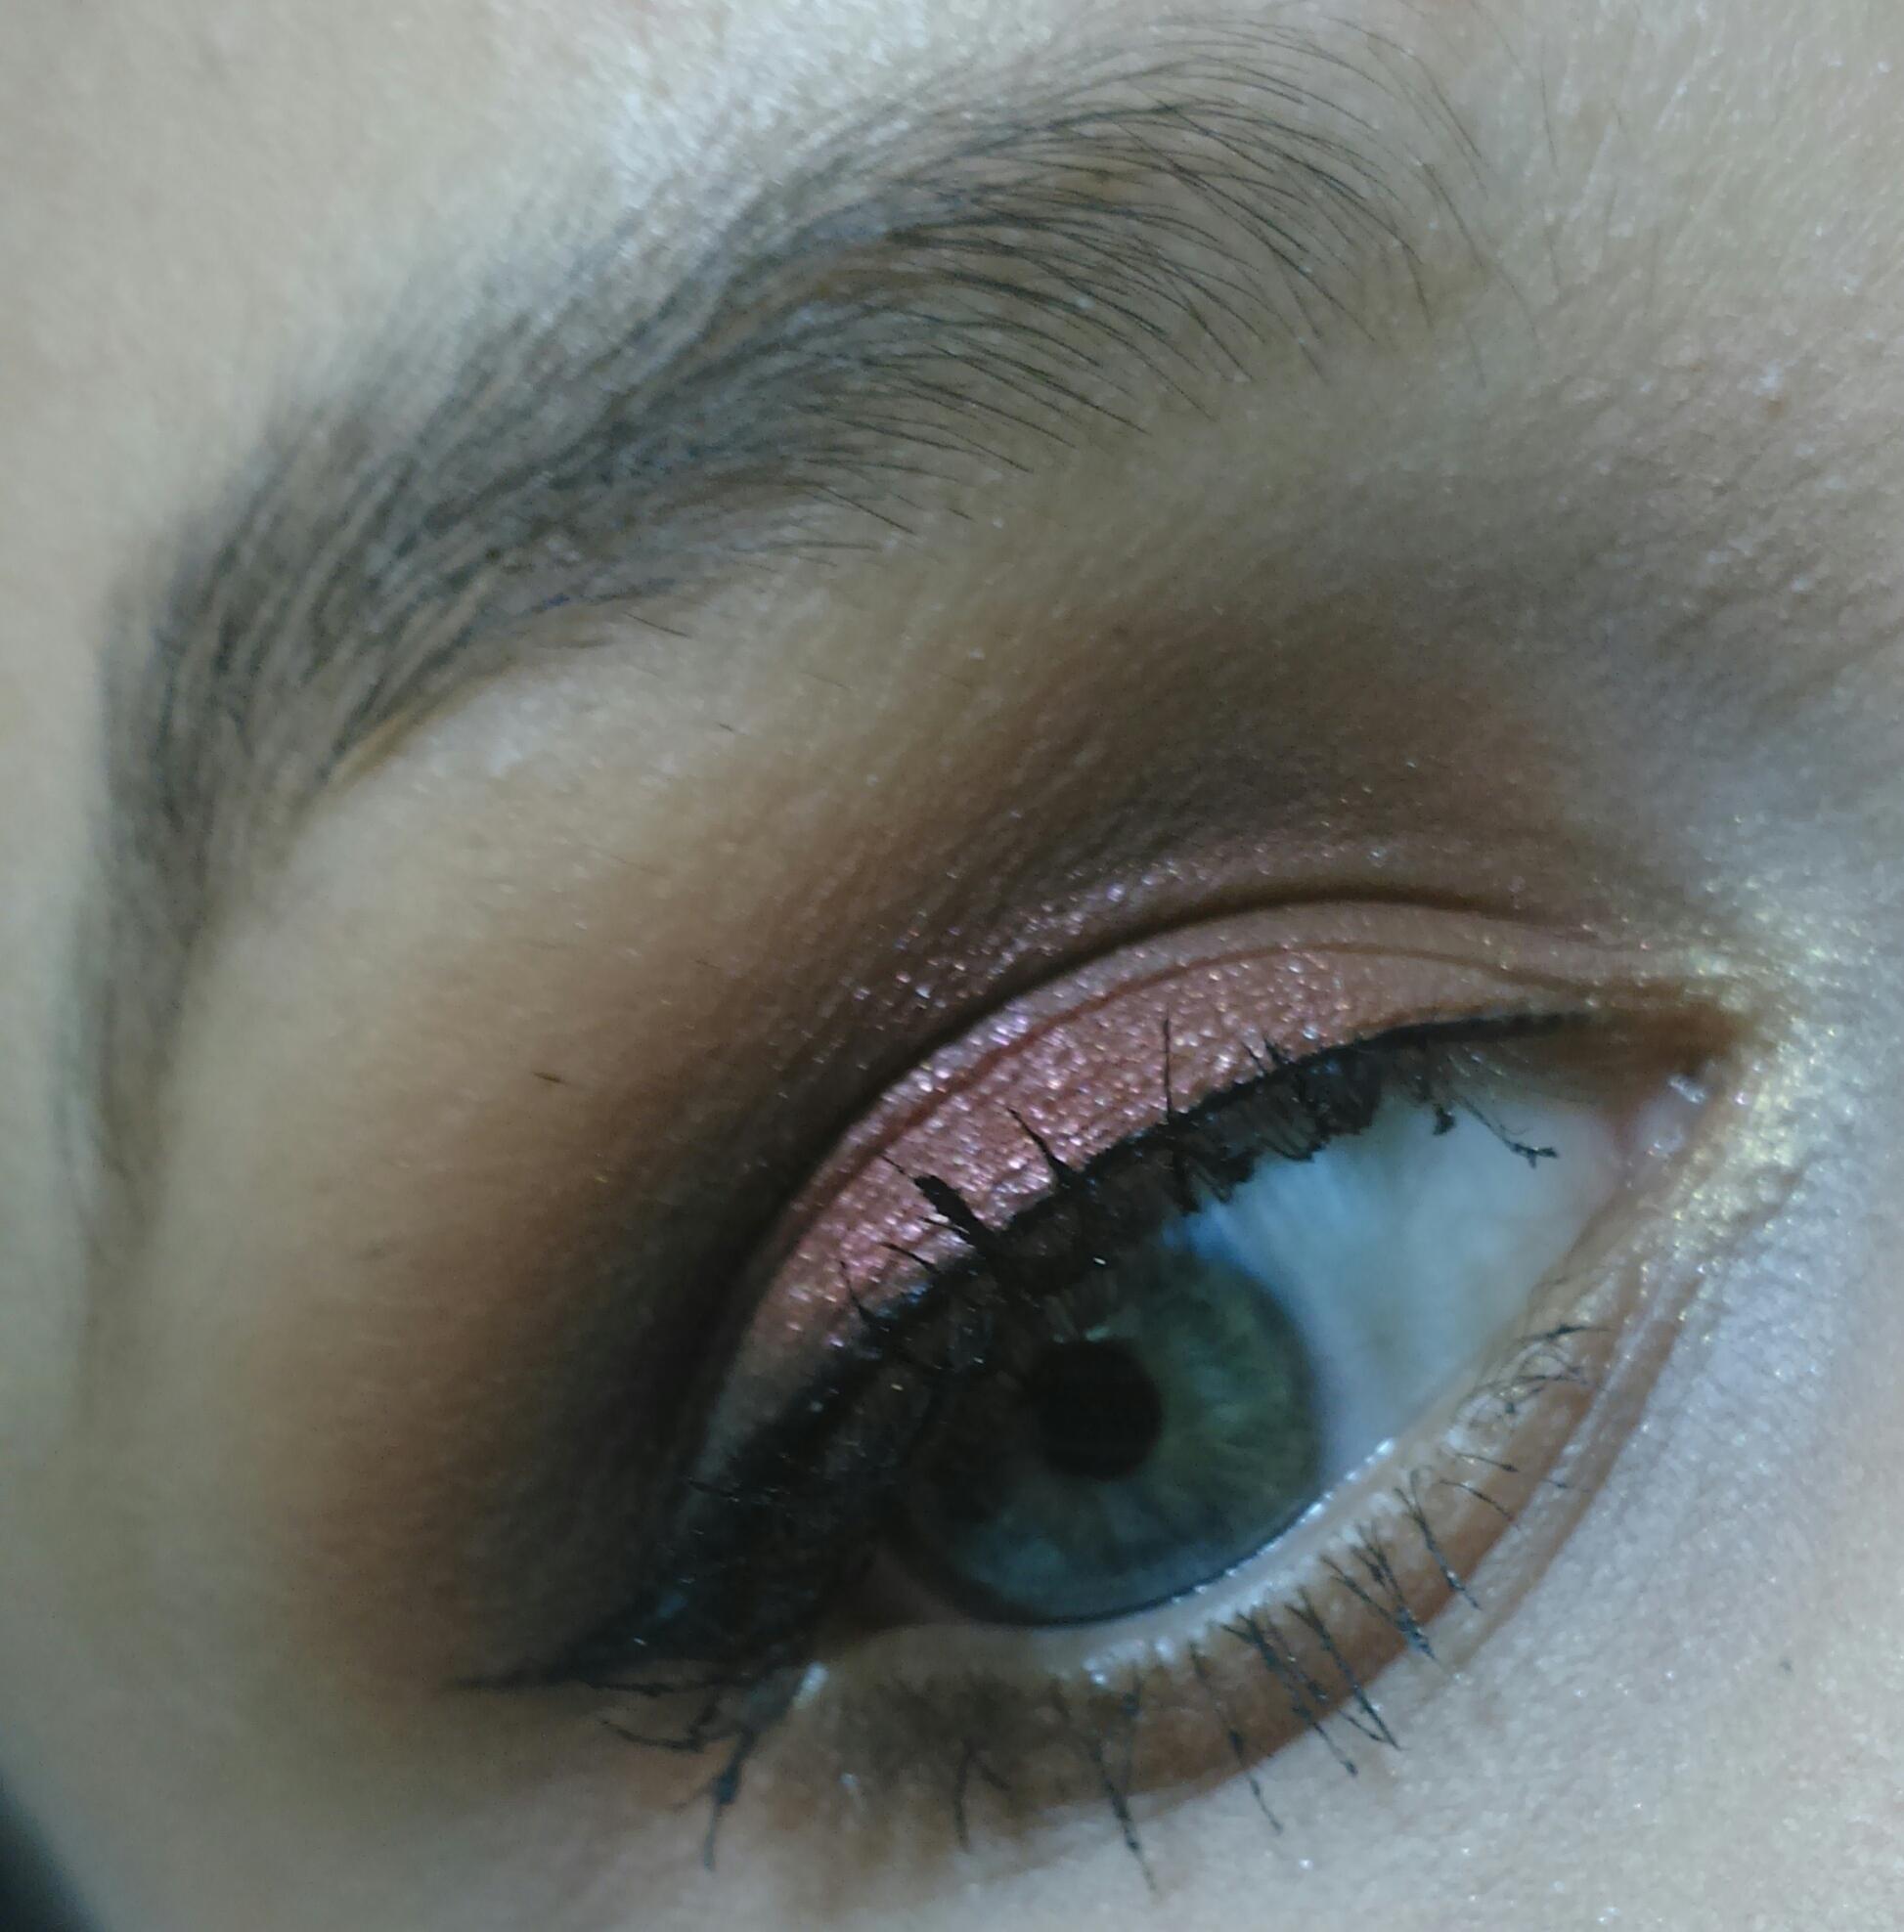 Makeup Cobre Maquiagem com tonalidades de marrom e cobre. Ótima opção para negras e mulatas, pois destaca bem em sua tonalidade de pele.  maquiador(a)